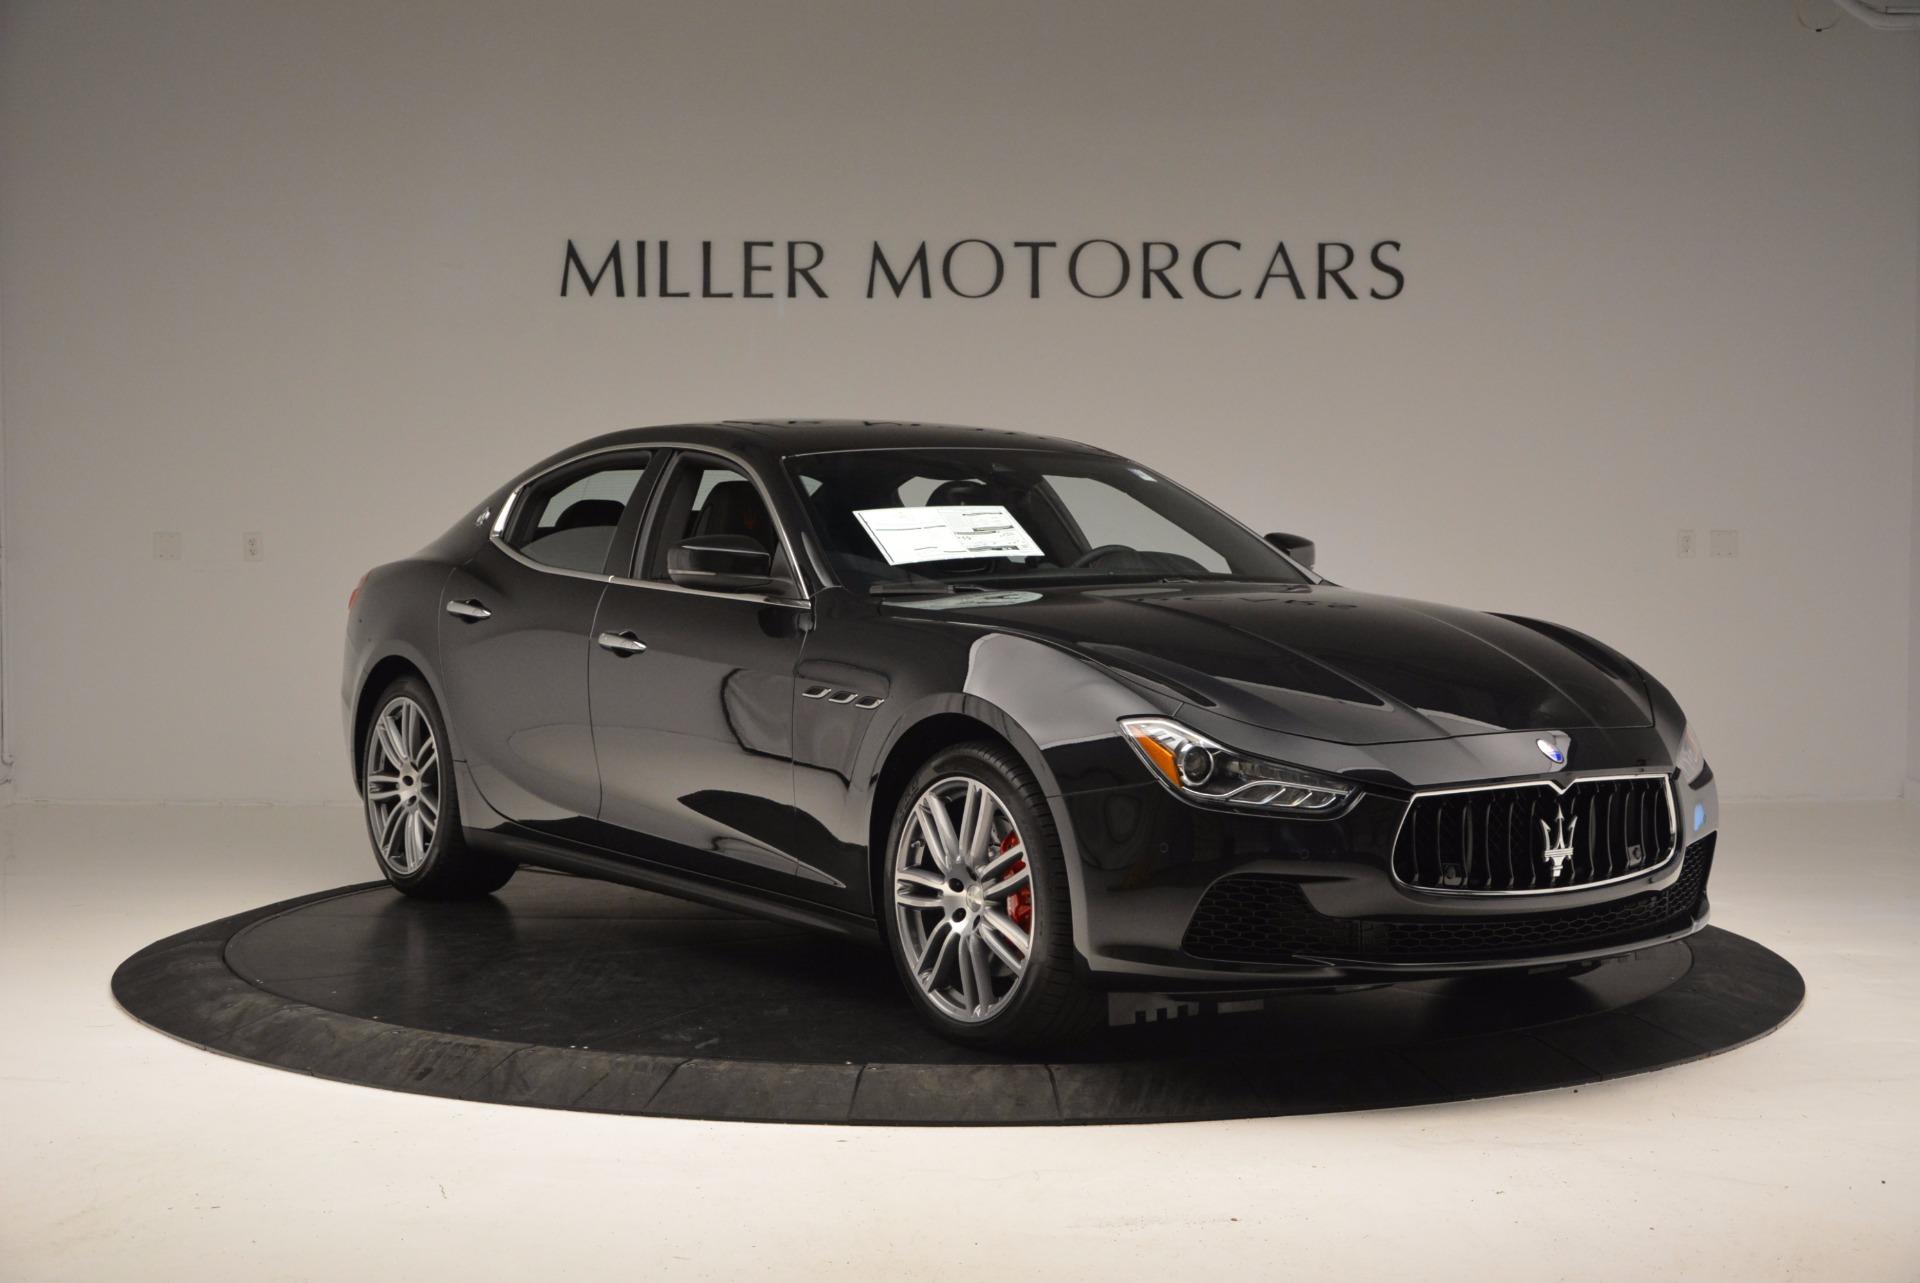 New 2017 Maserati Ghibli SQ4 For Sale In Greenwich, CT 1108_p11